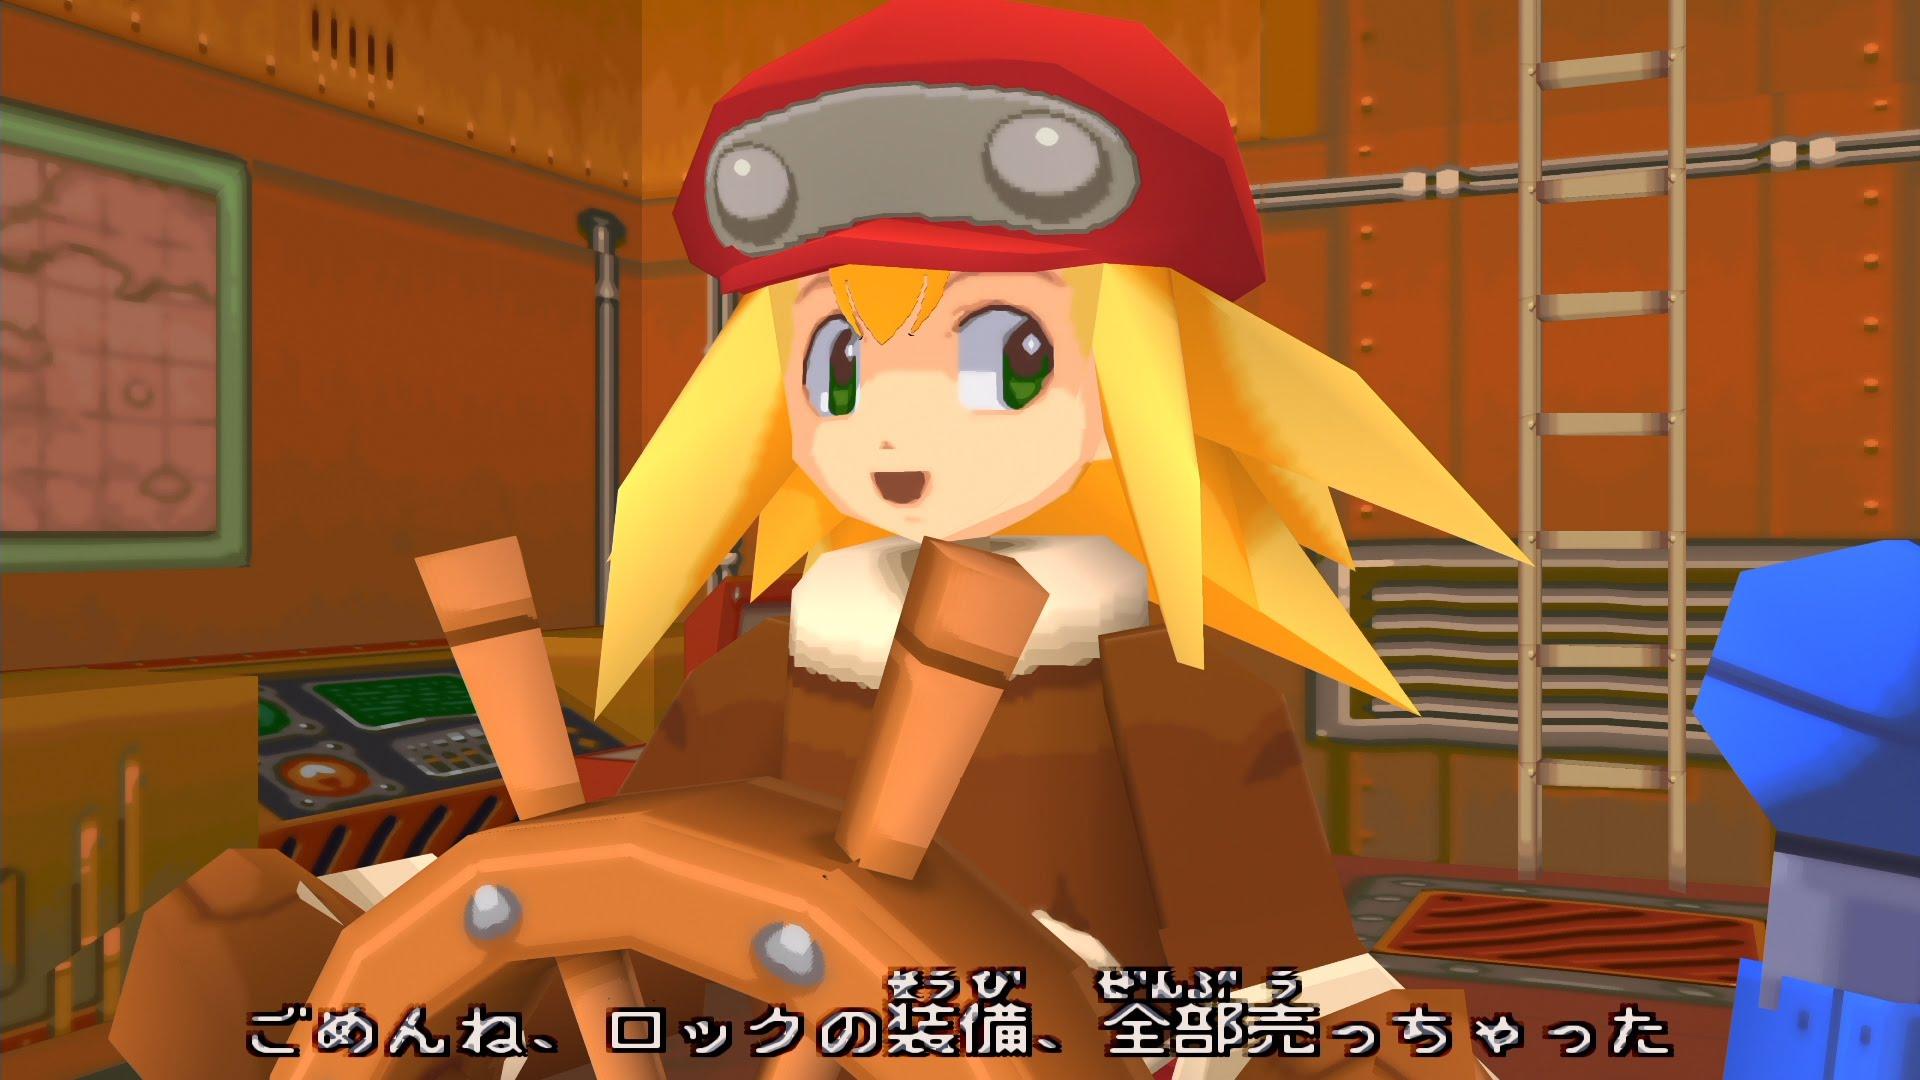 【ロックマンDASH2】PSPのゲームをフルHDでプレイしてみる【PPSSPP】